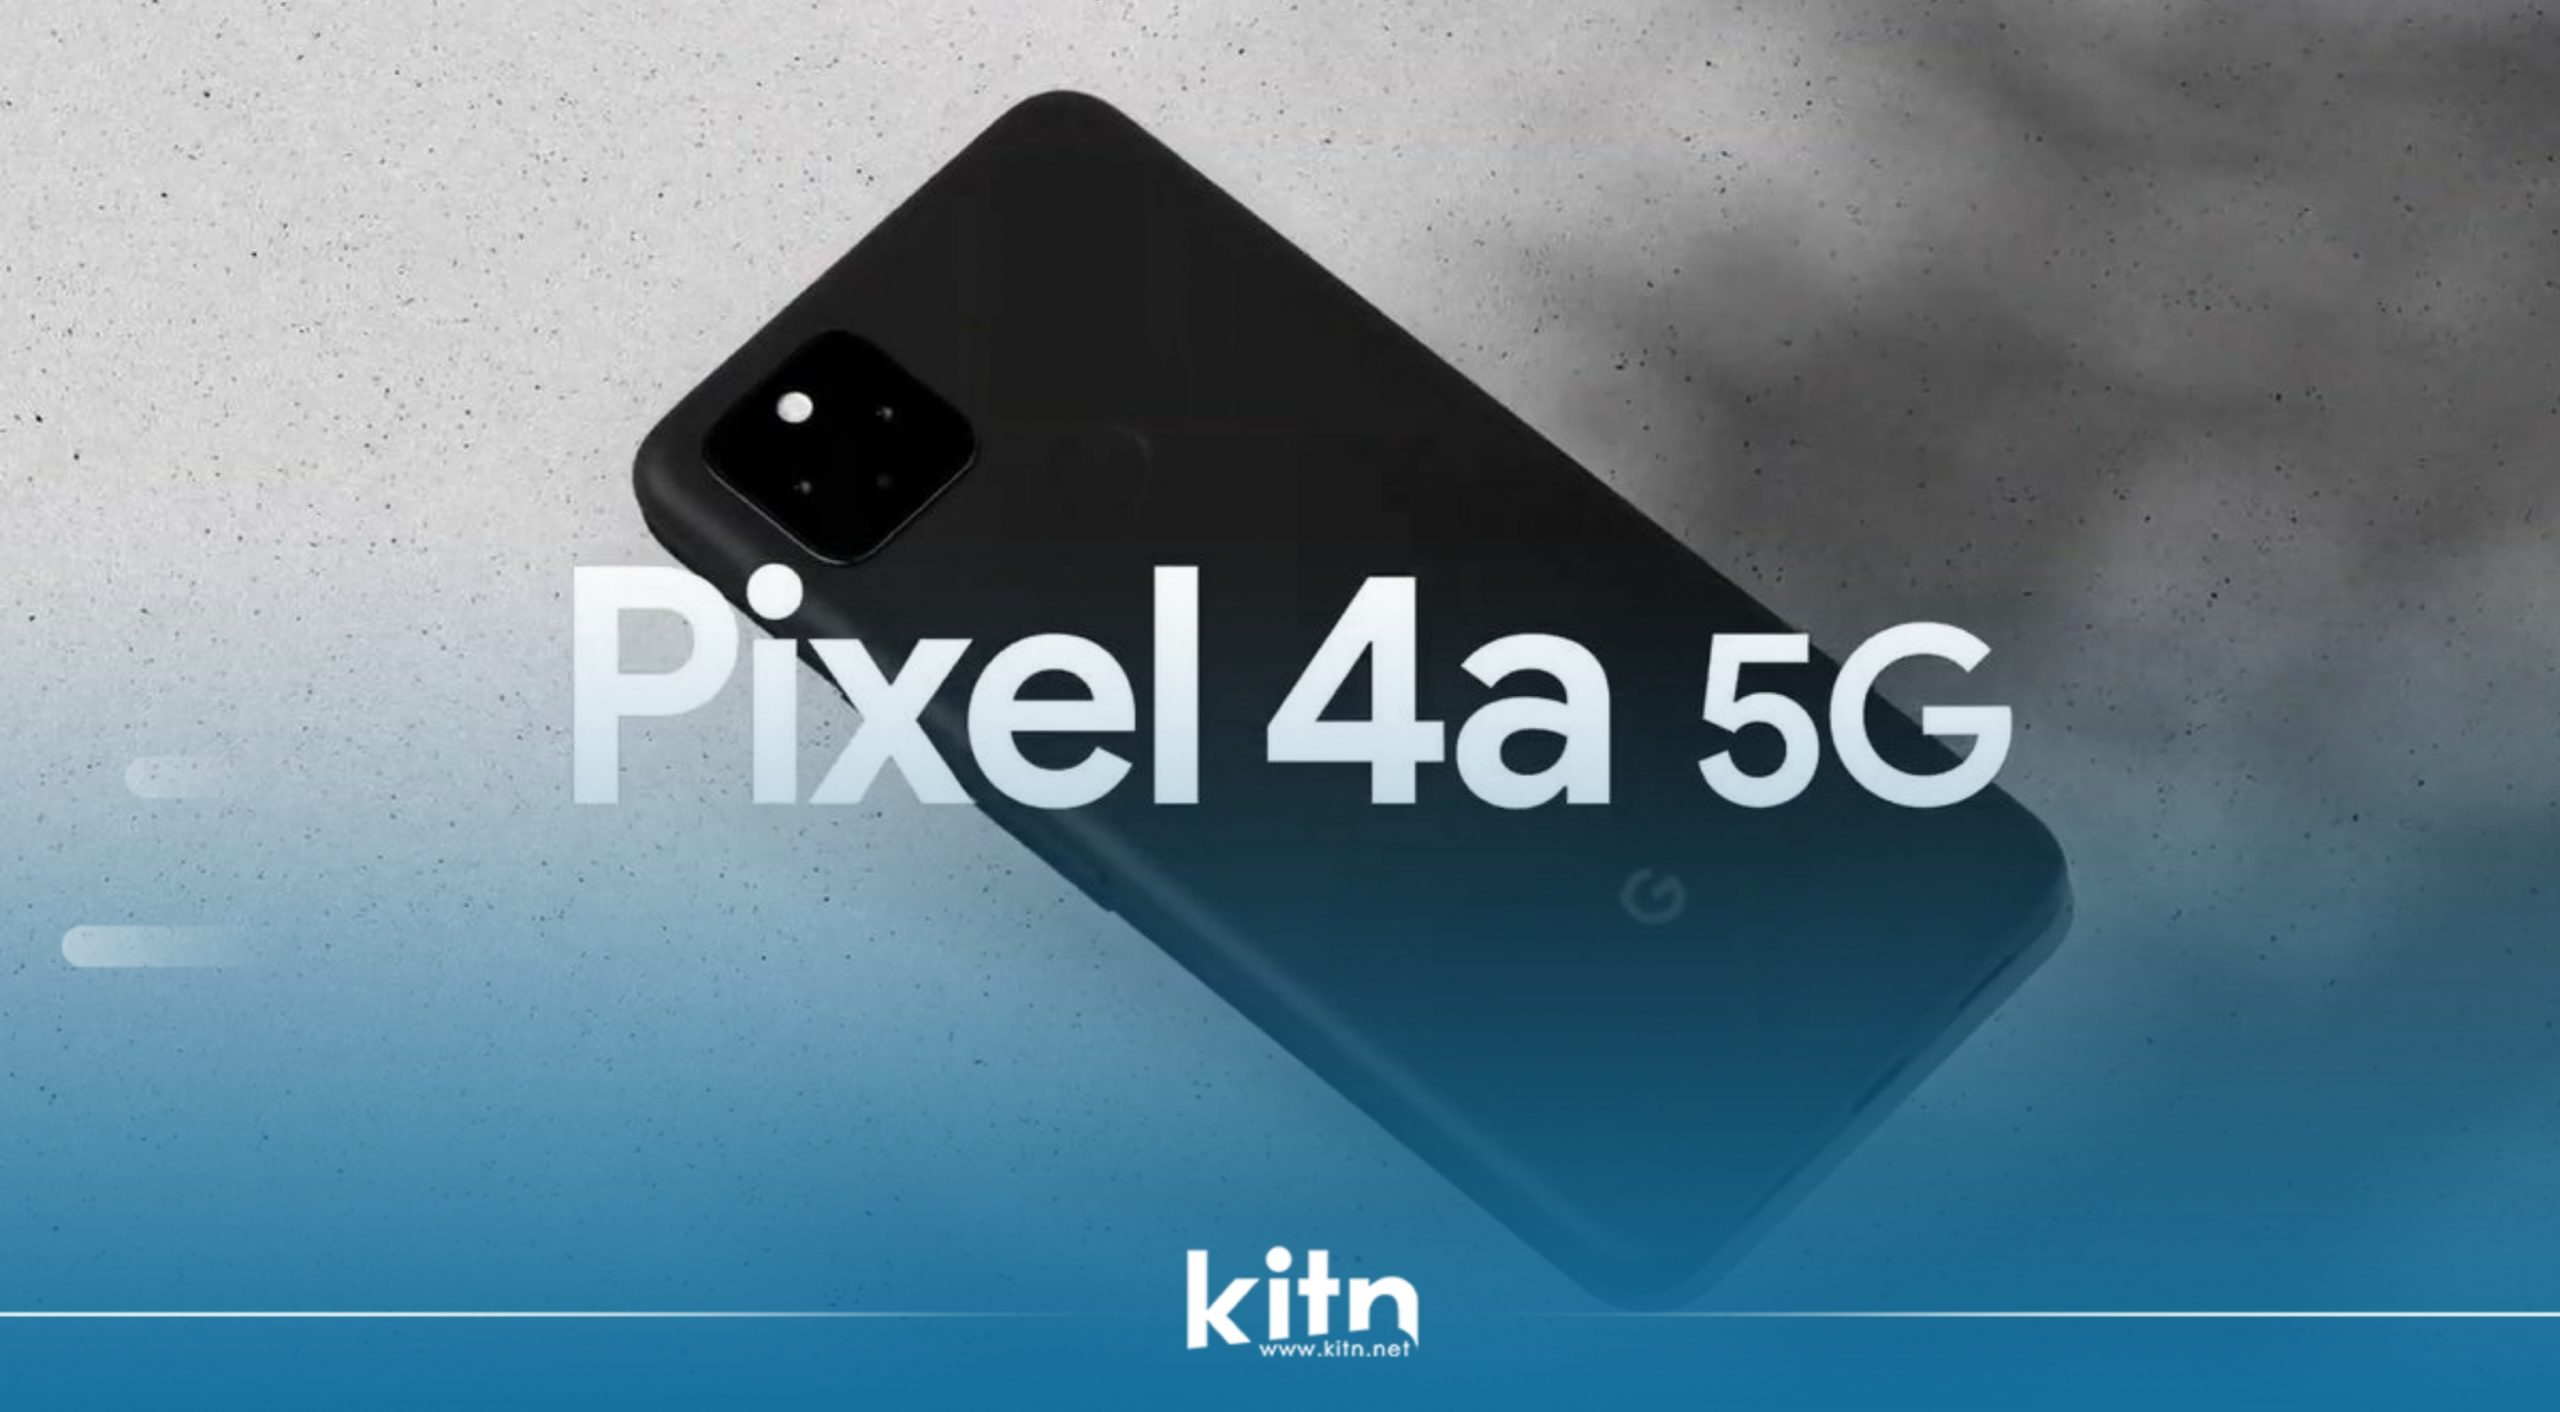 بە فەرمی مۆبایلی Google Pixel 4a 5G وەک یەکەمین مۆبایلی گووگڵ بە پشتگیری تۆڕی نەوەی پێنجەمەوە نمایش کرا